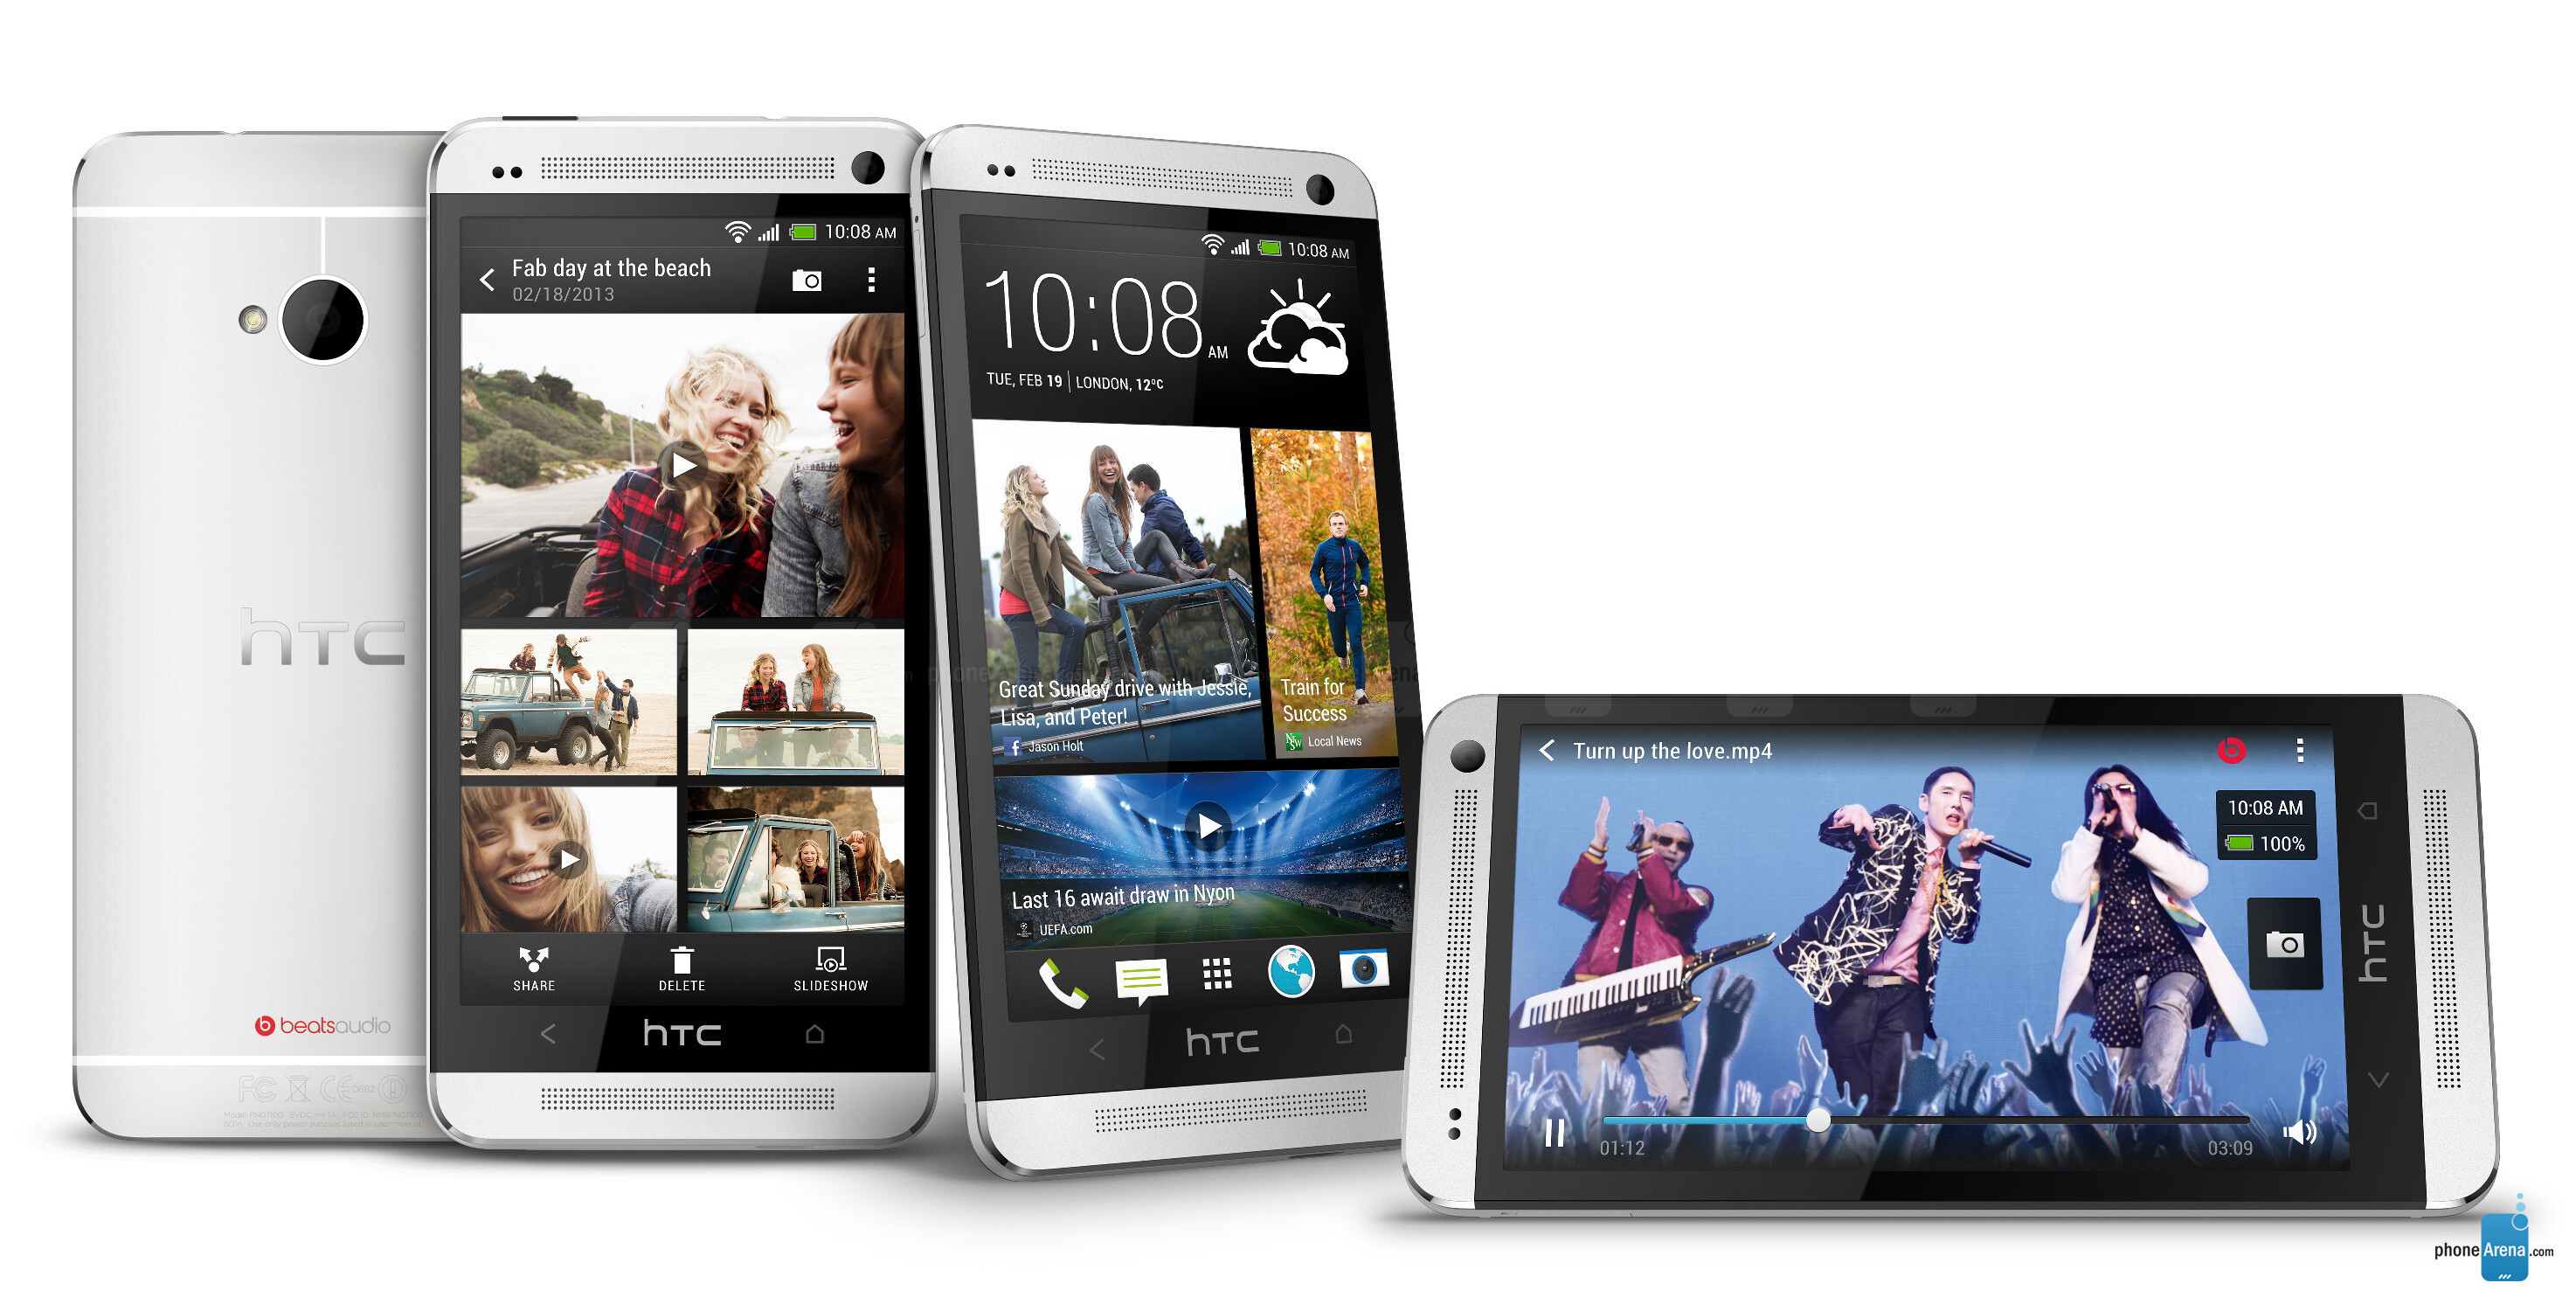 نرم افزار جديد htc one x دانلود آندروید دانلود تم جدید برای HTC One X دانلود